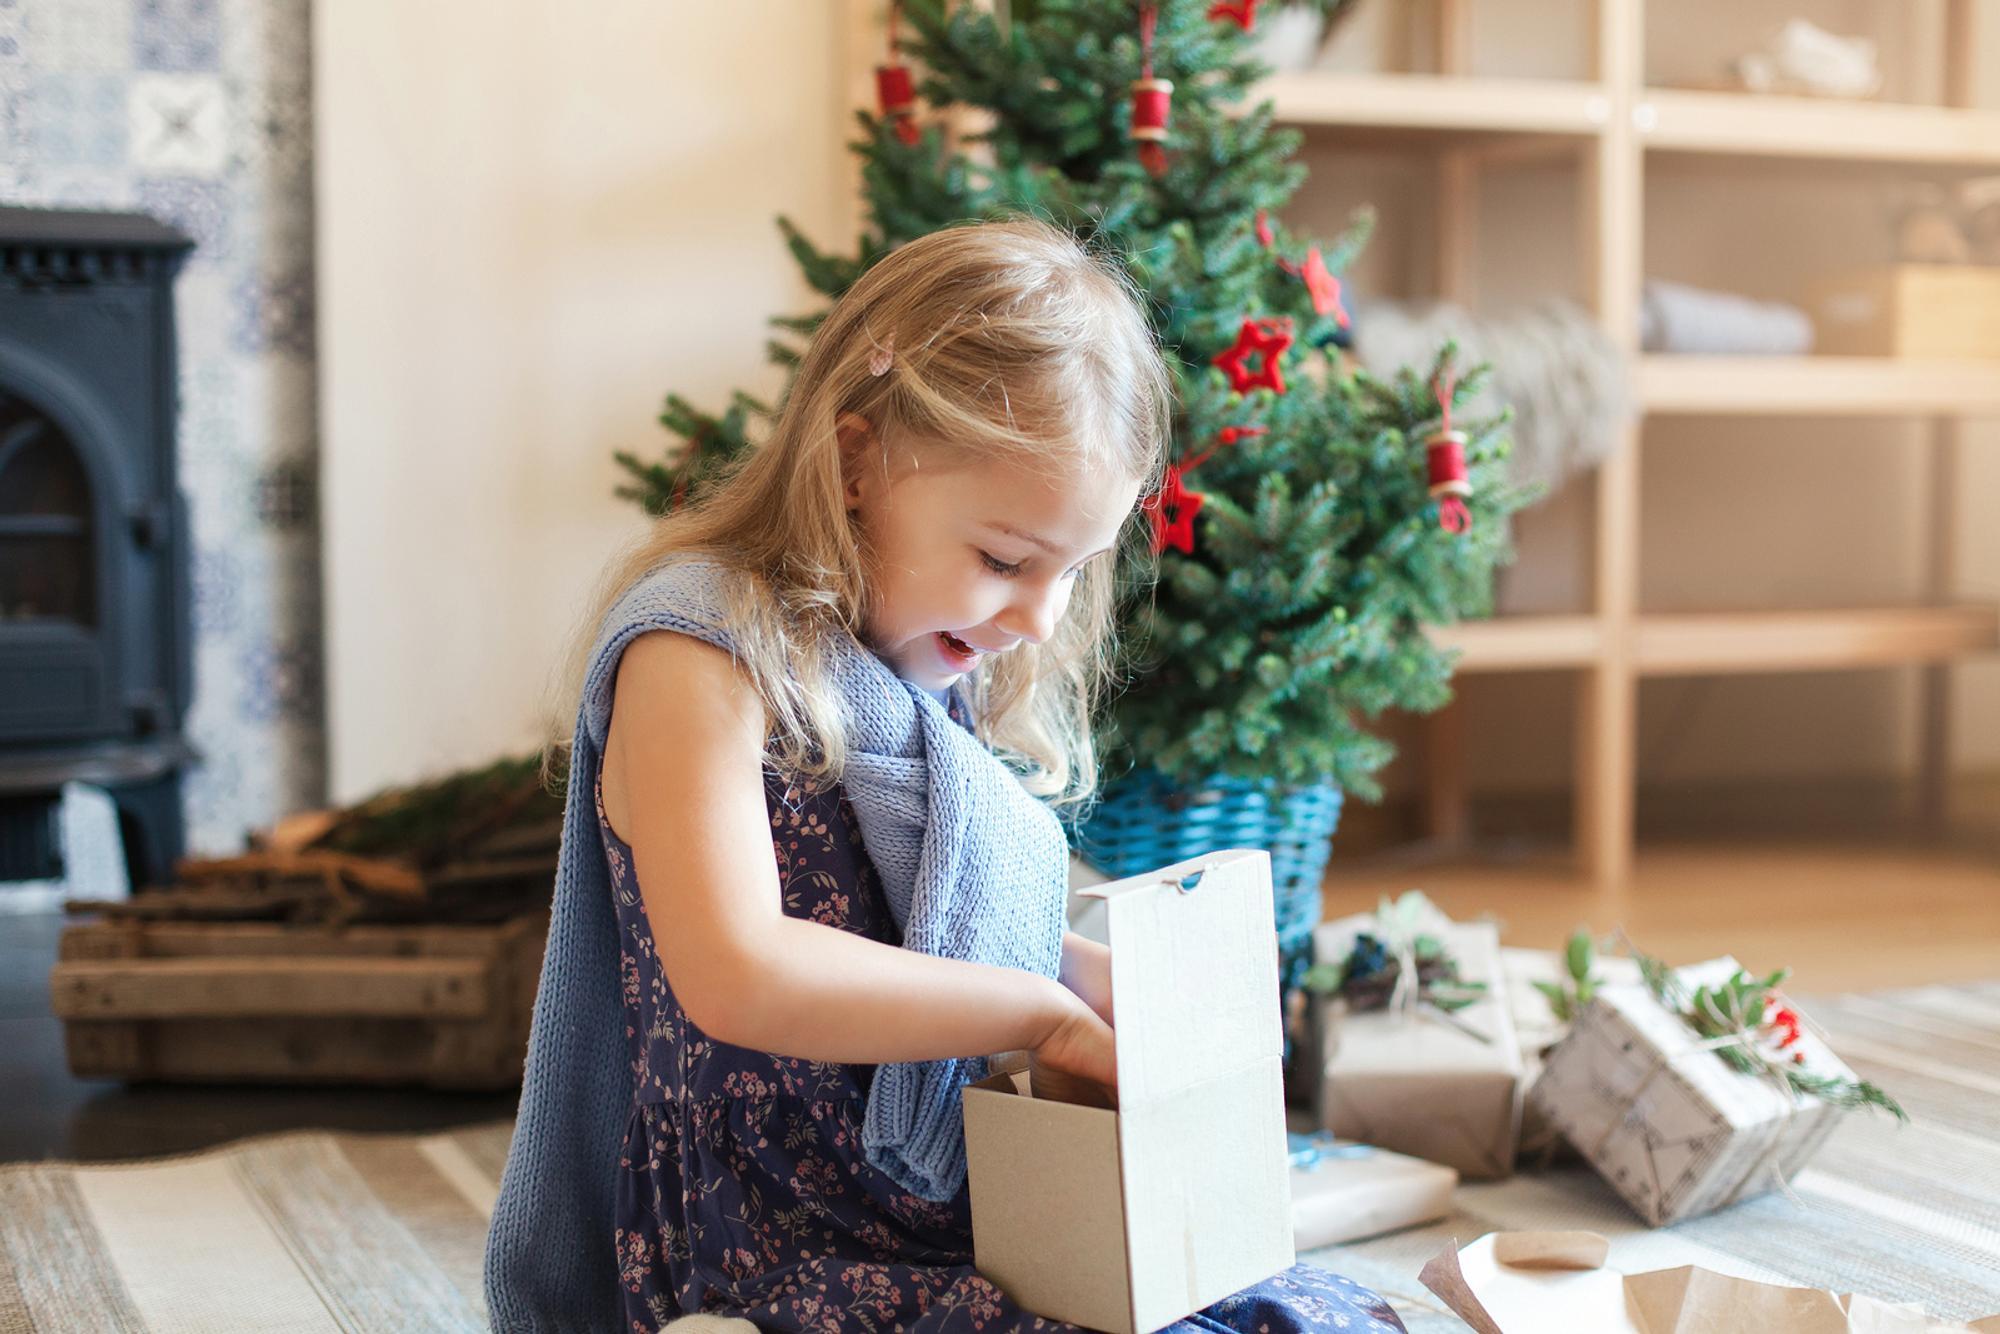 Welche Geschenke kommen bei Kindern wirklich an? Mama Daniela verrät ihre persönlichen Highlights.